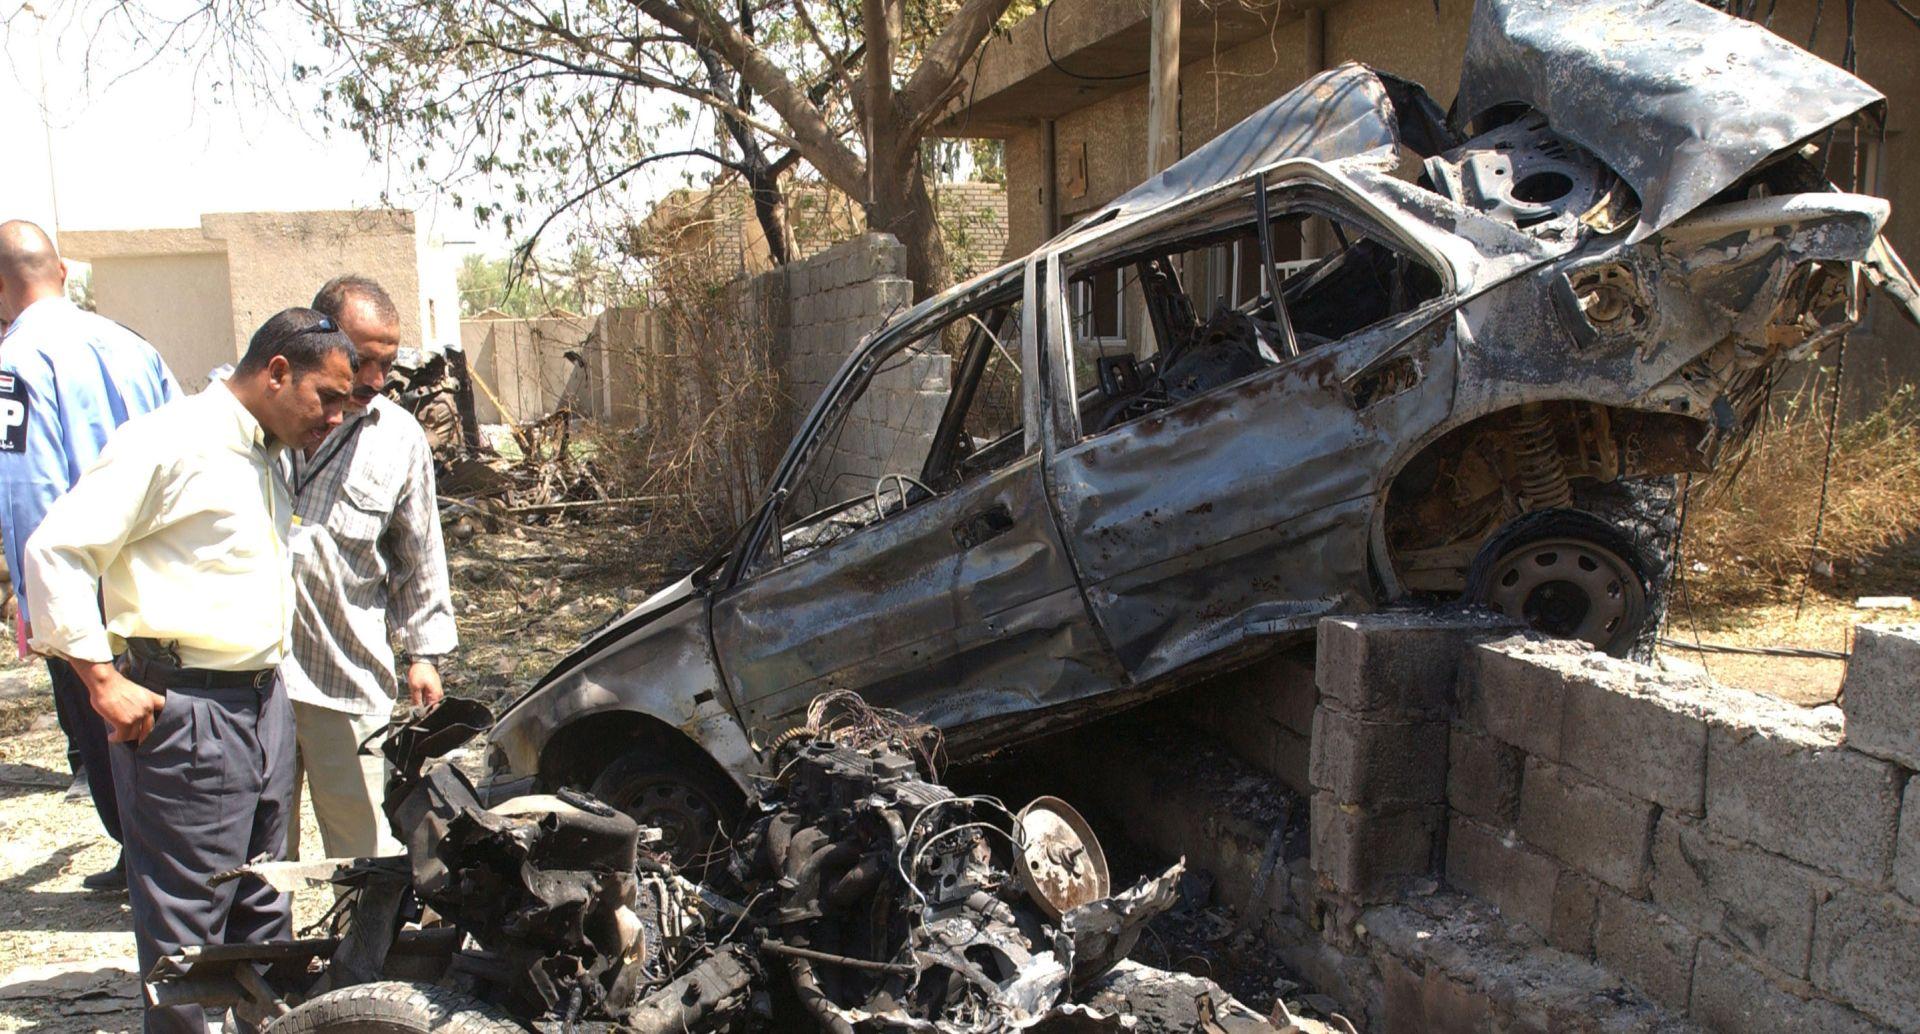 POGINULA I DJECA Na proslavi Bajrama 21 žrtva u eksploziji bombe